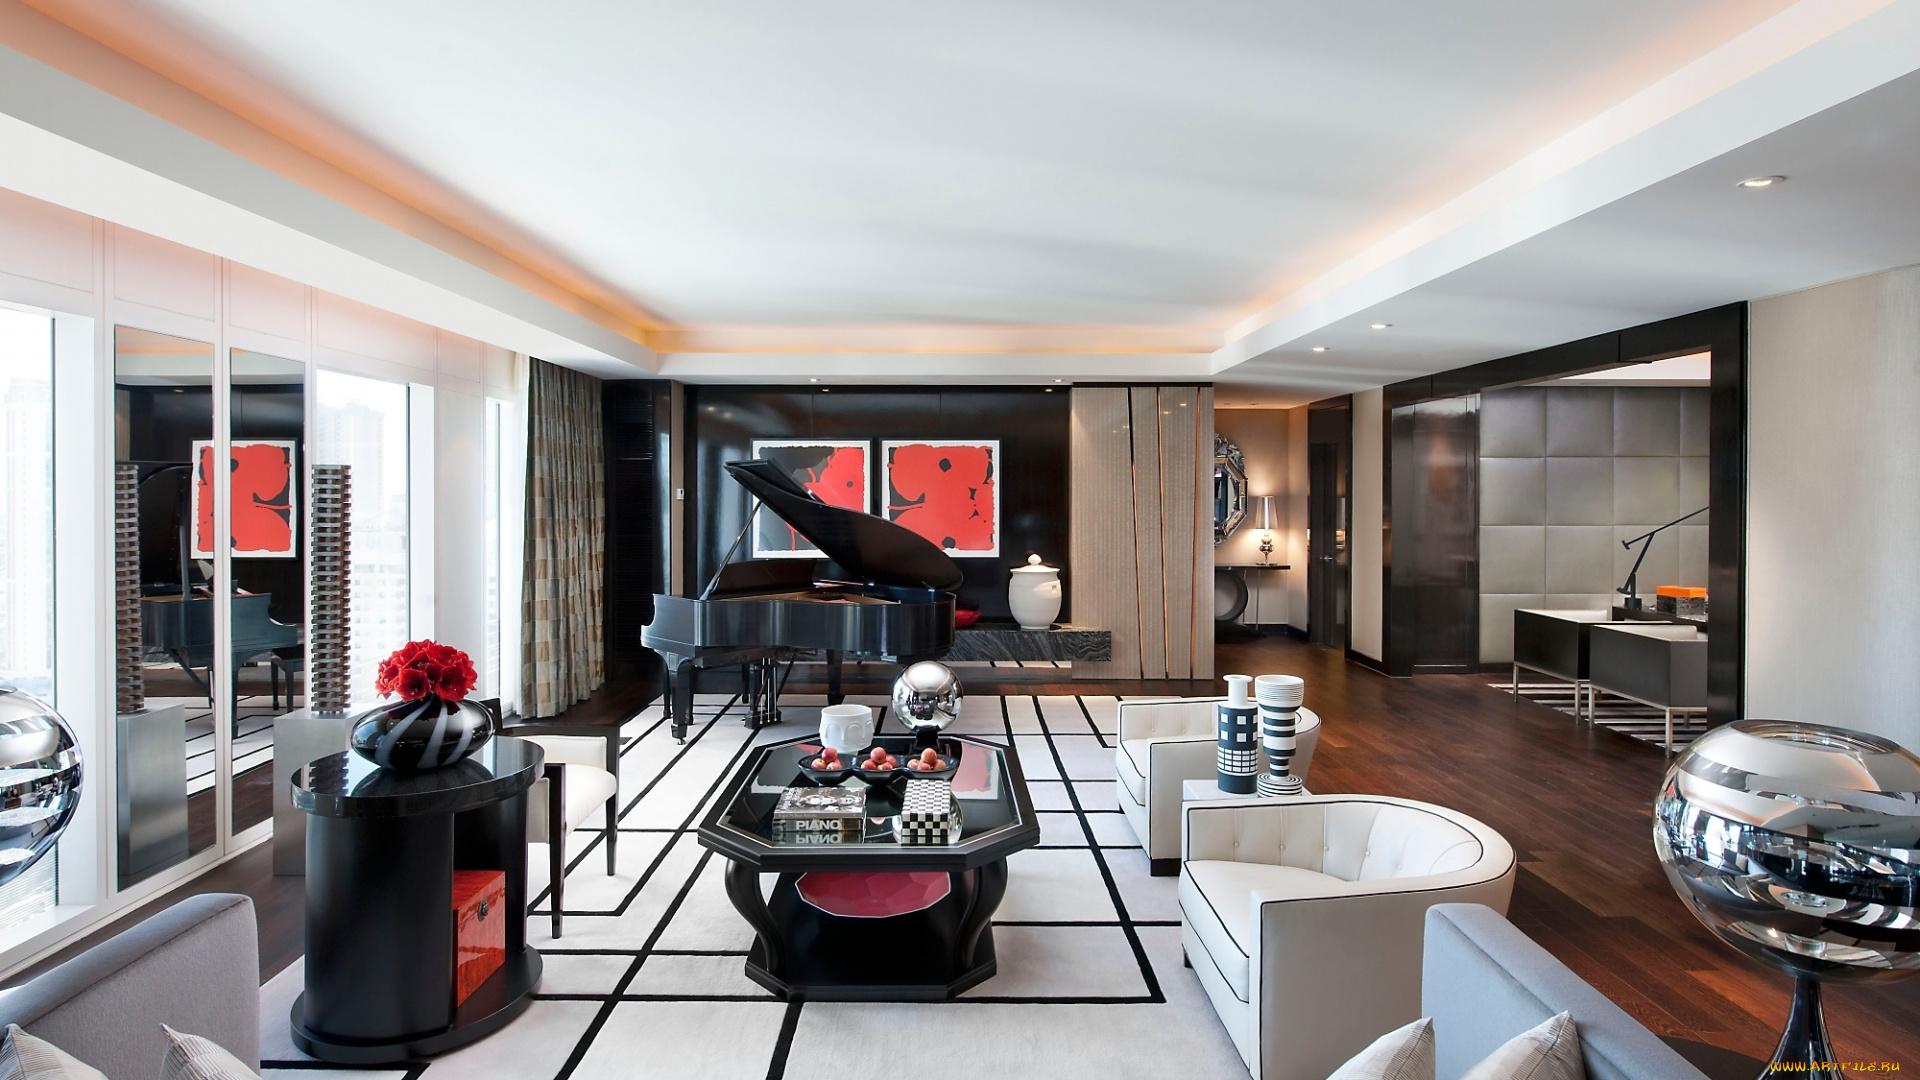 оснащены телевизором см фото красота дизайна квартир сведения